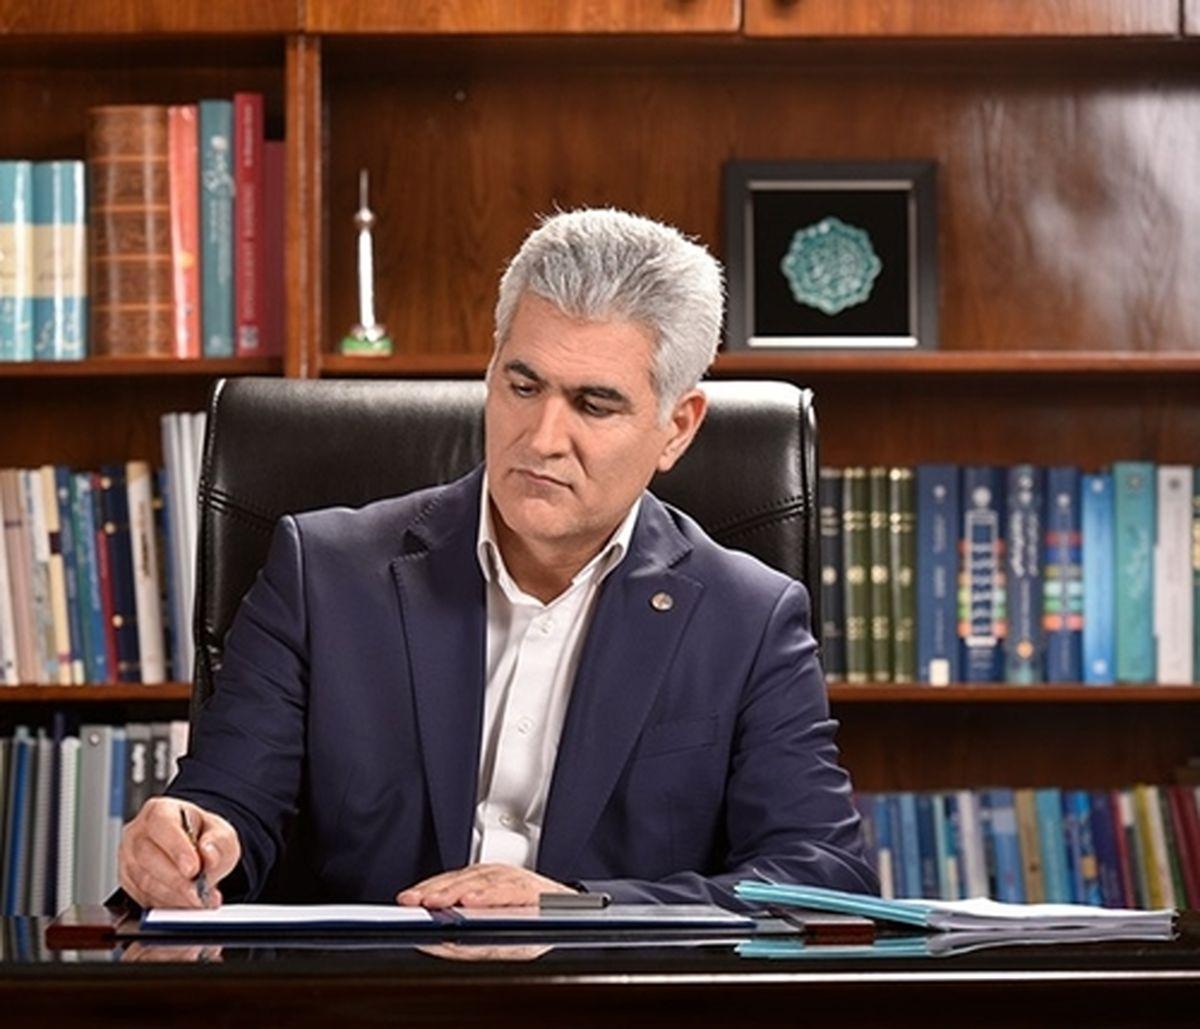 پیام دکتر شیری مدیرعامل پست بانک ایران به مناسبت روز جانباز